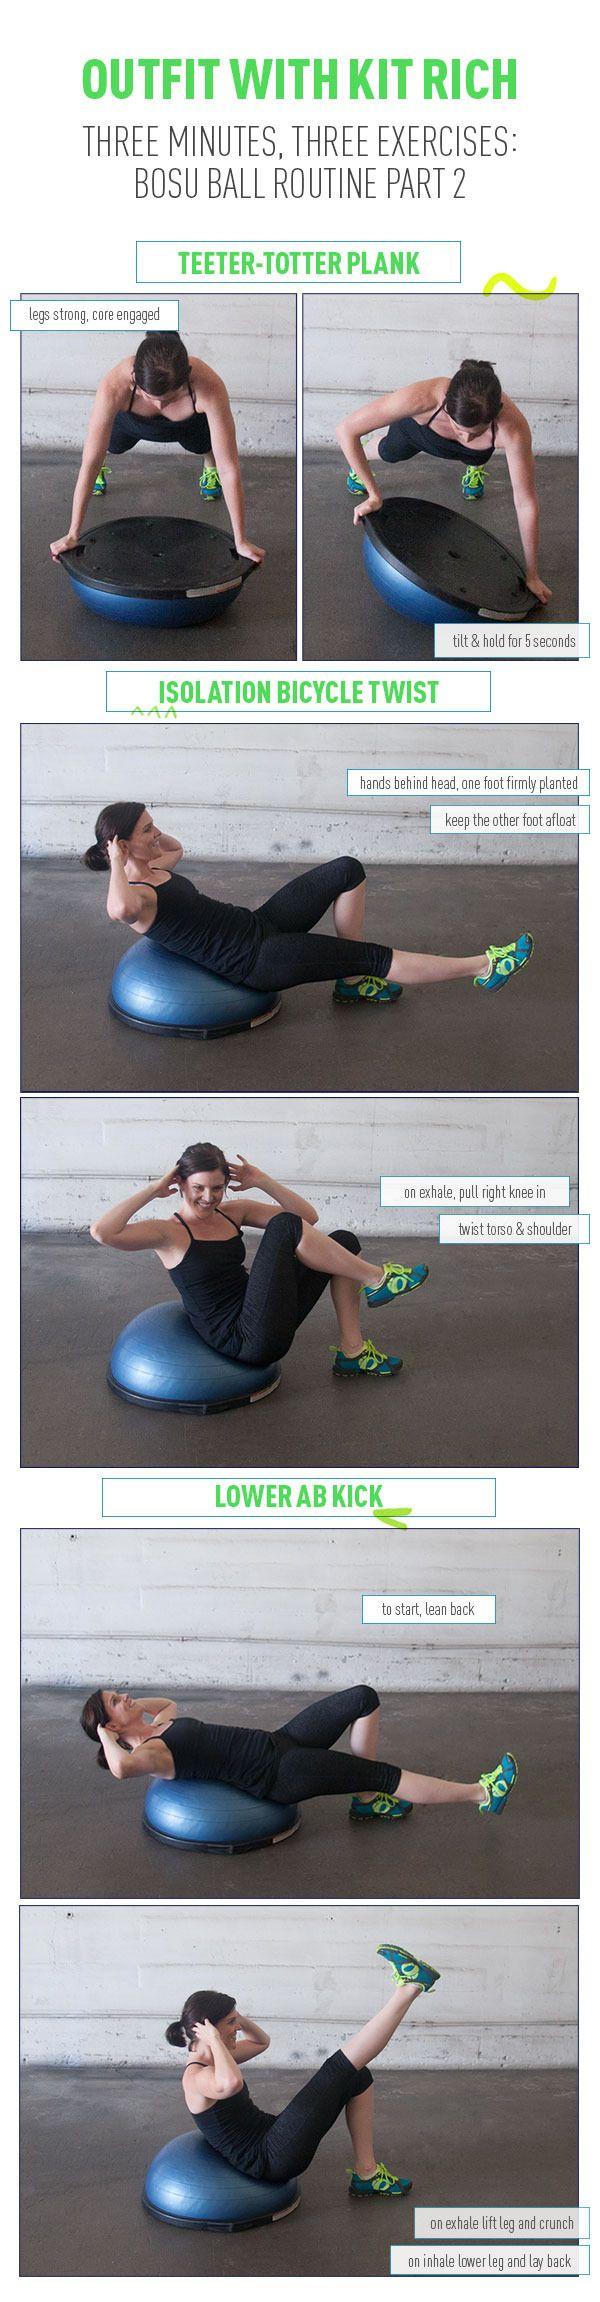 Three Minutes, Three Exercises: Bosu Ball Routine Part 2